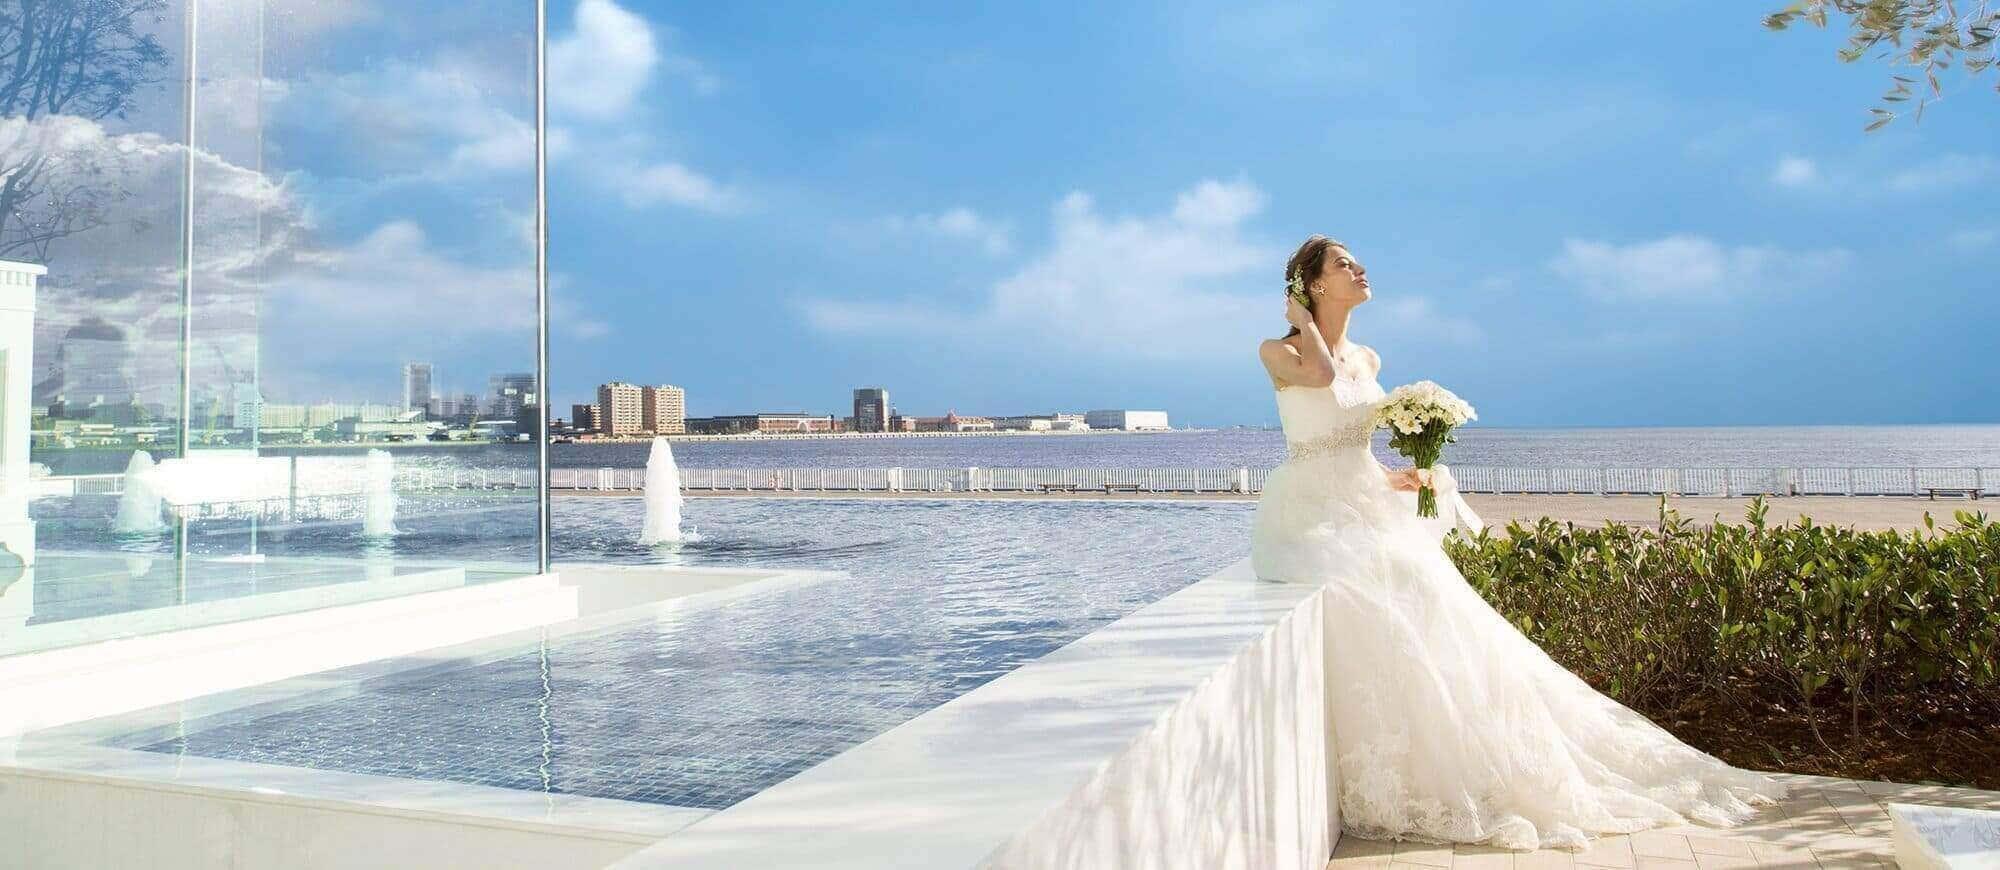 花嫁_結婚式場海側